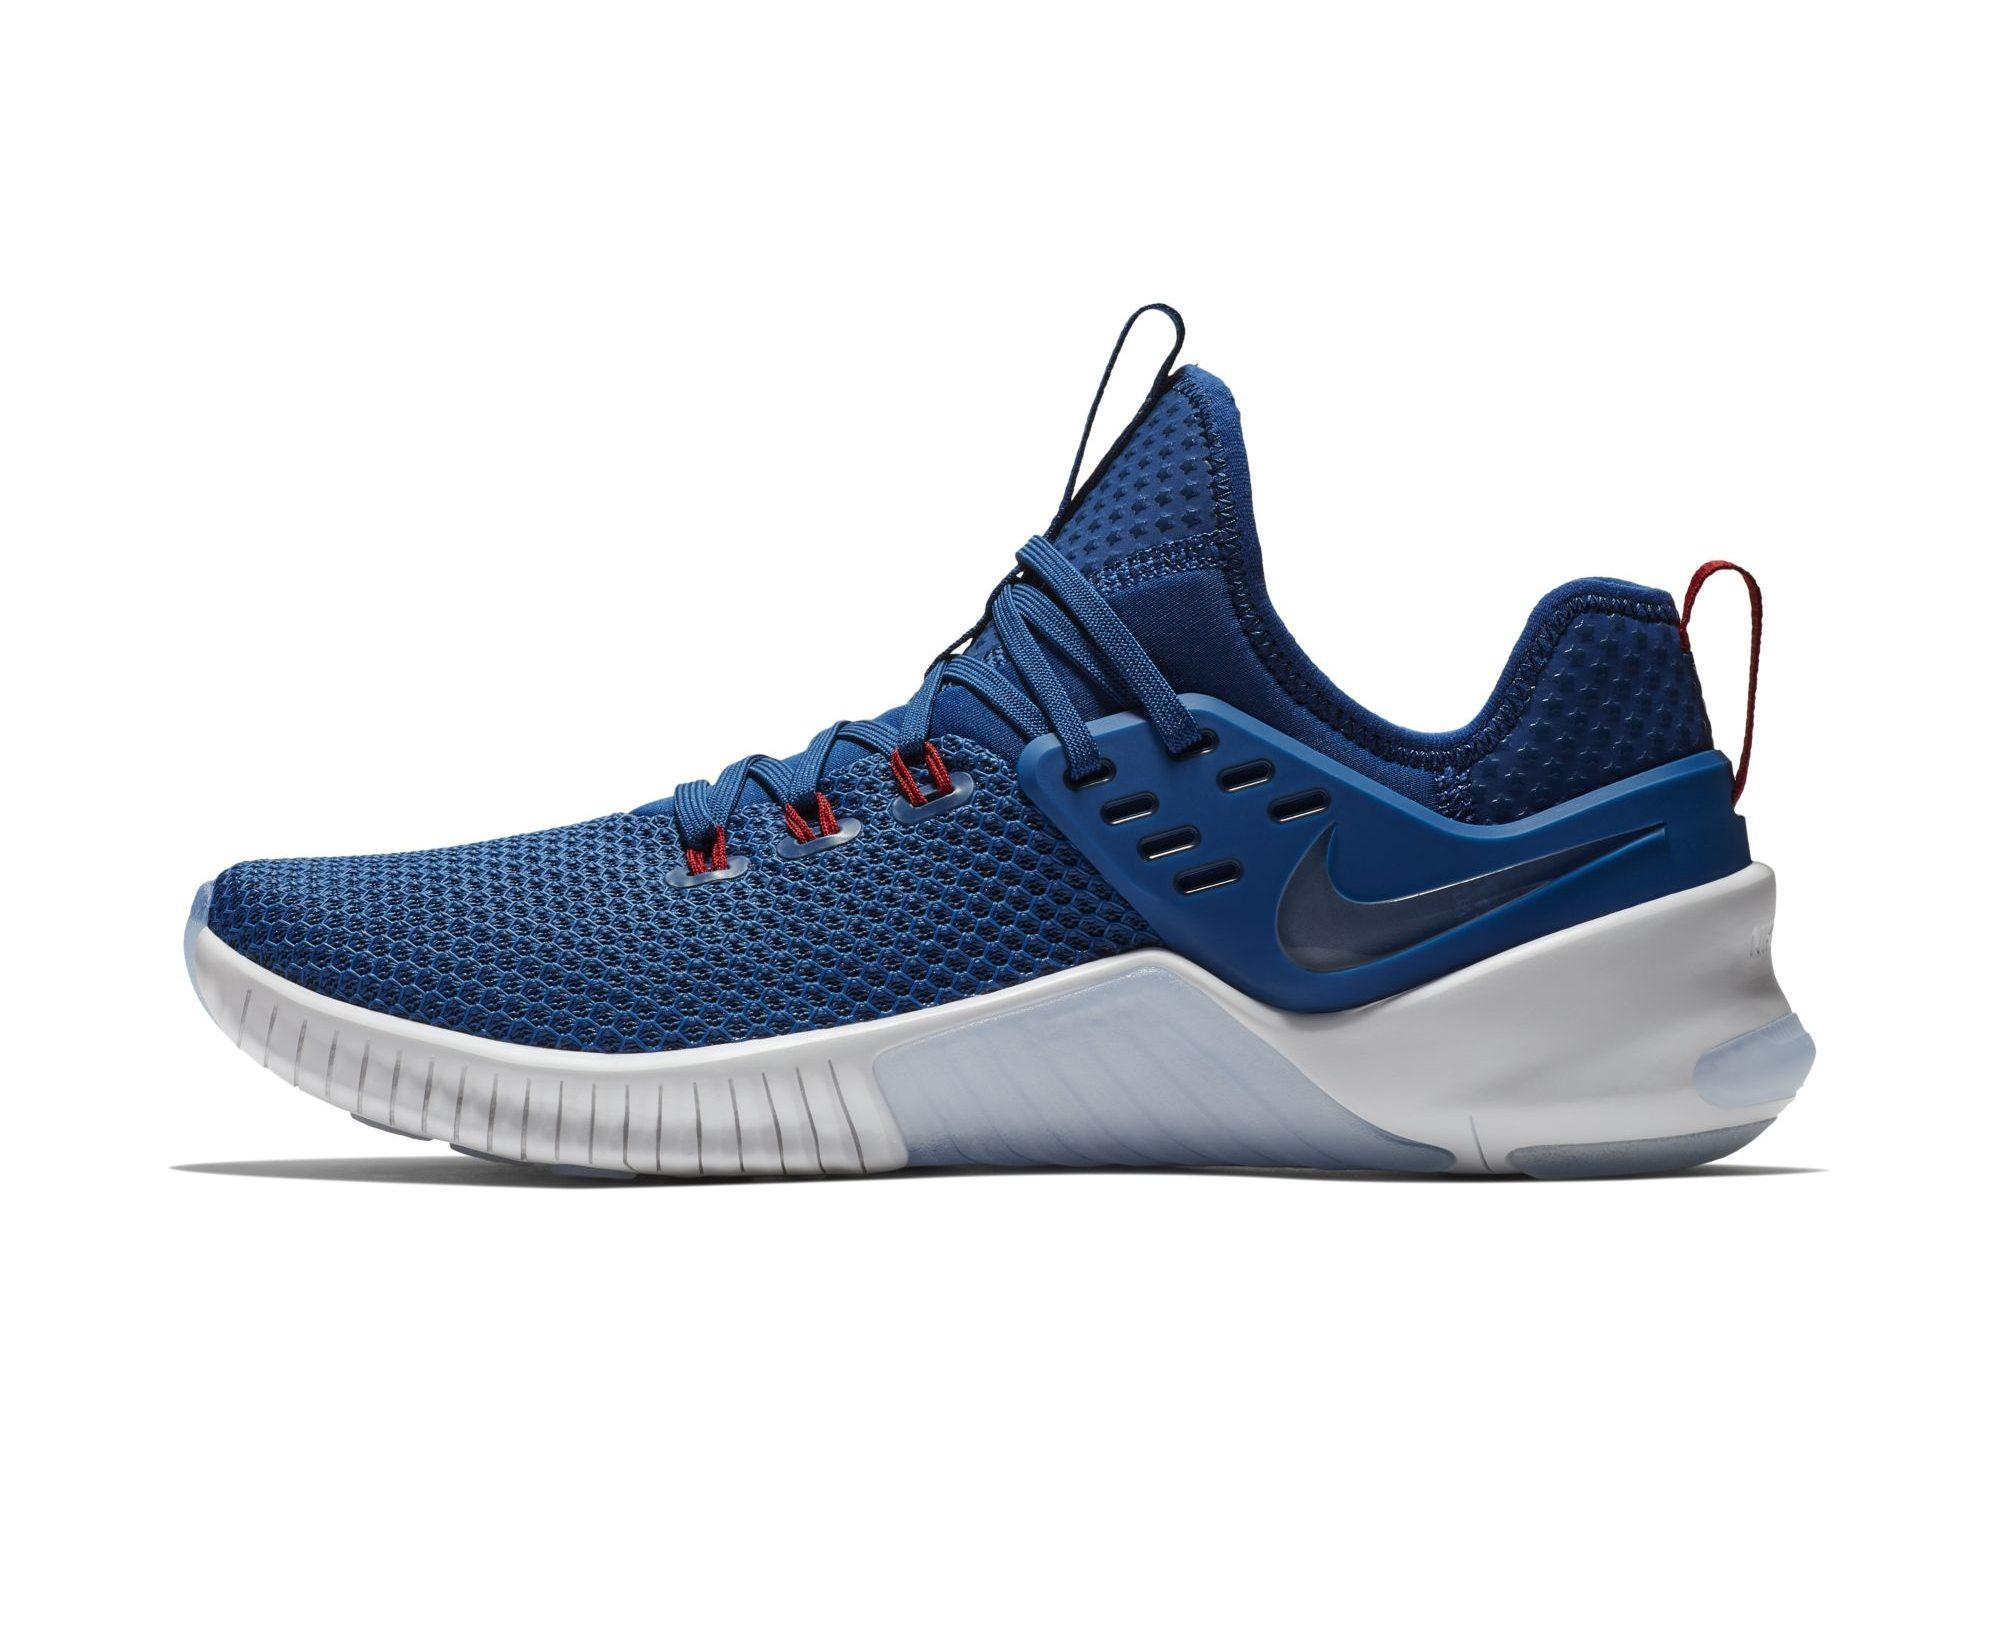 Nike Metcon Free 'Blue:White:Red' 3